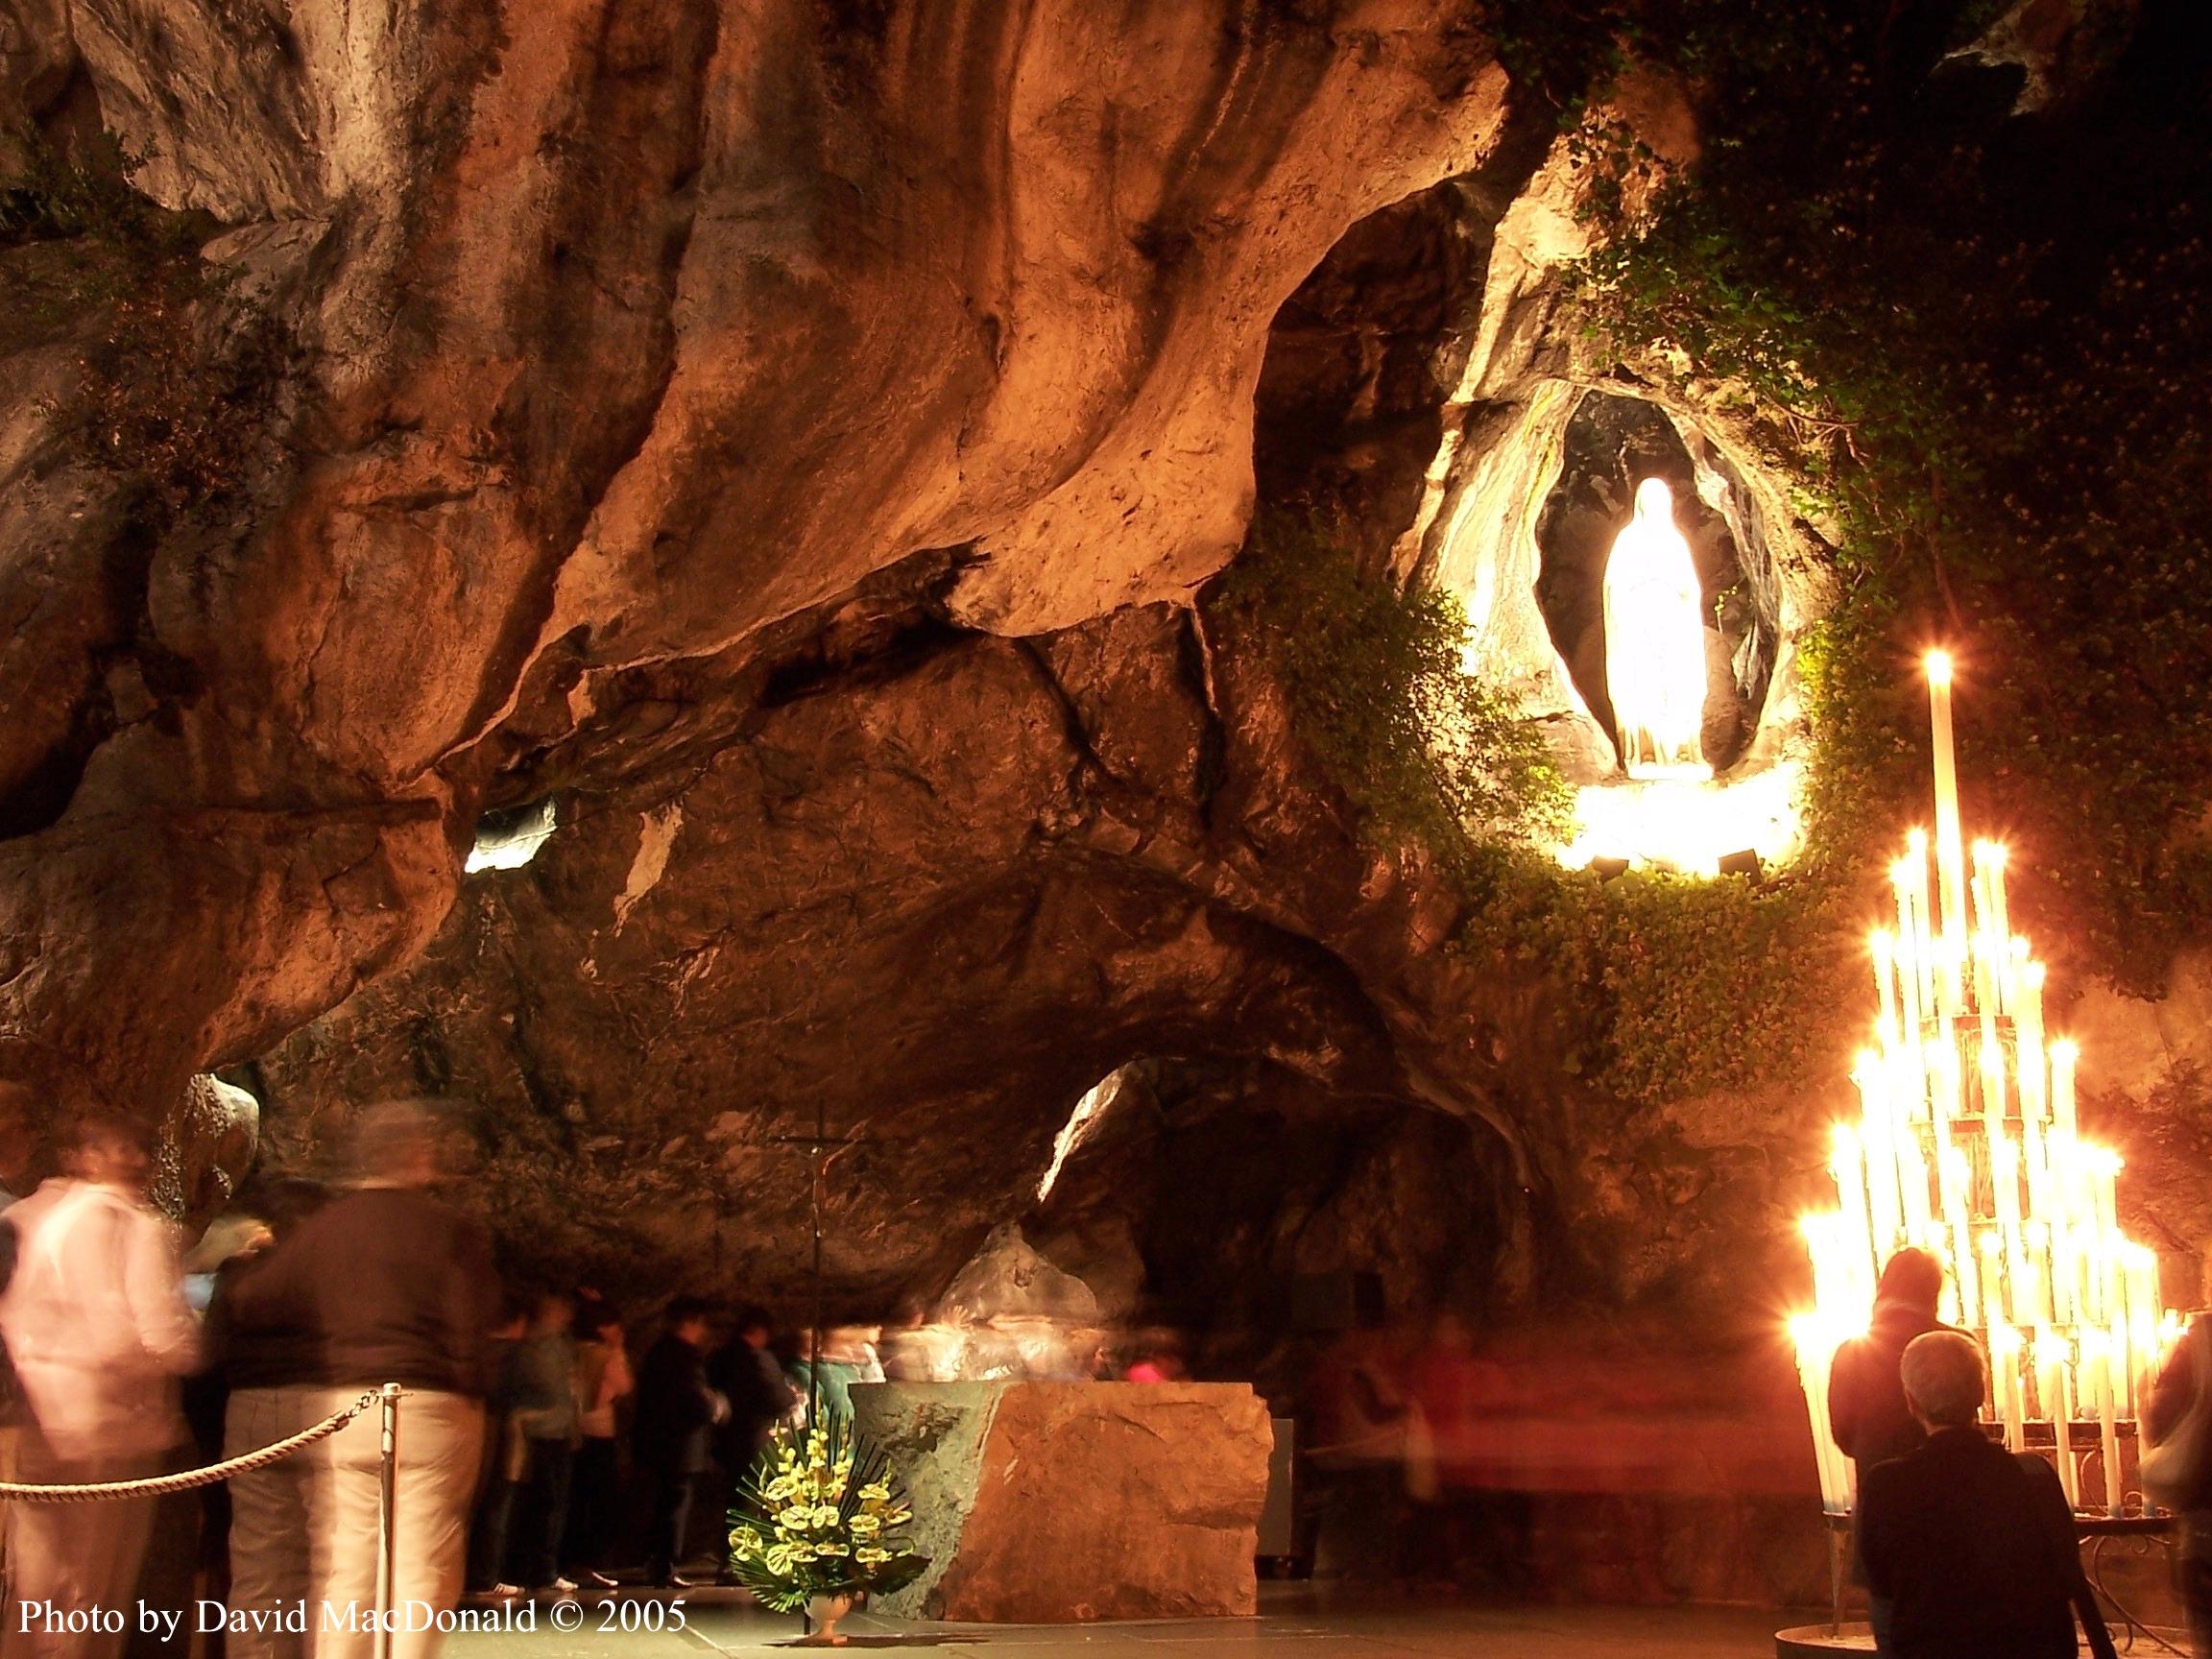 Lourdes France  City pictures : Lourdes France Grotto Live